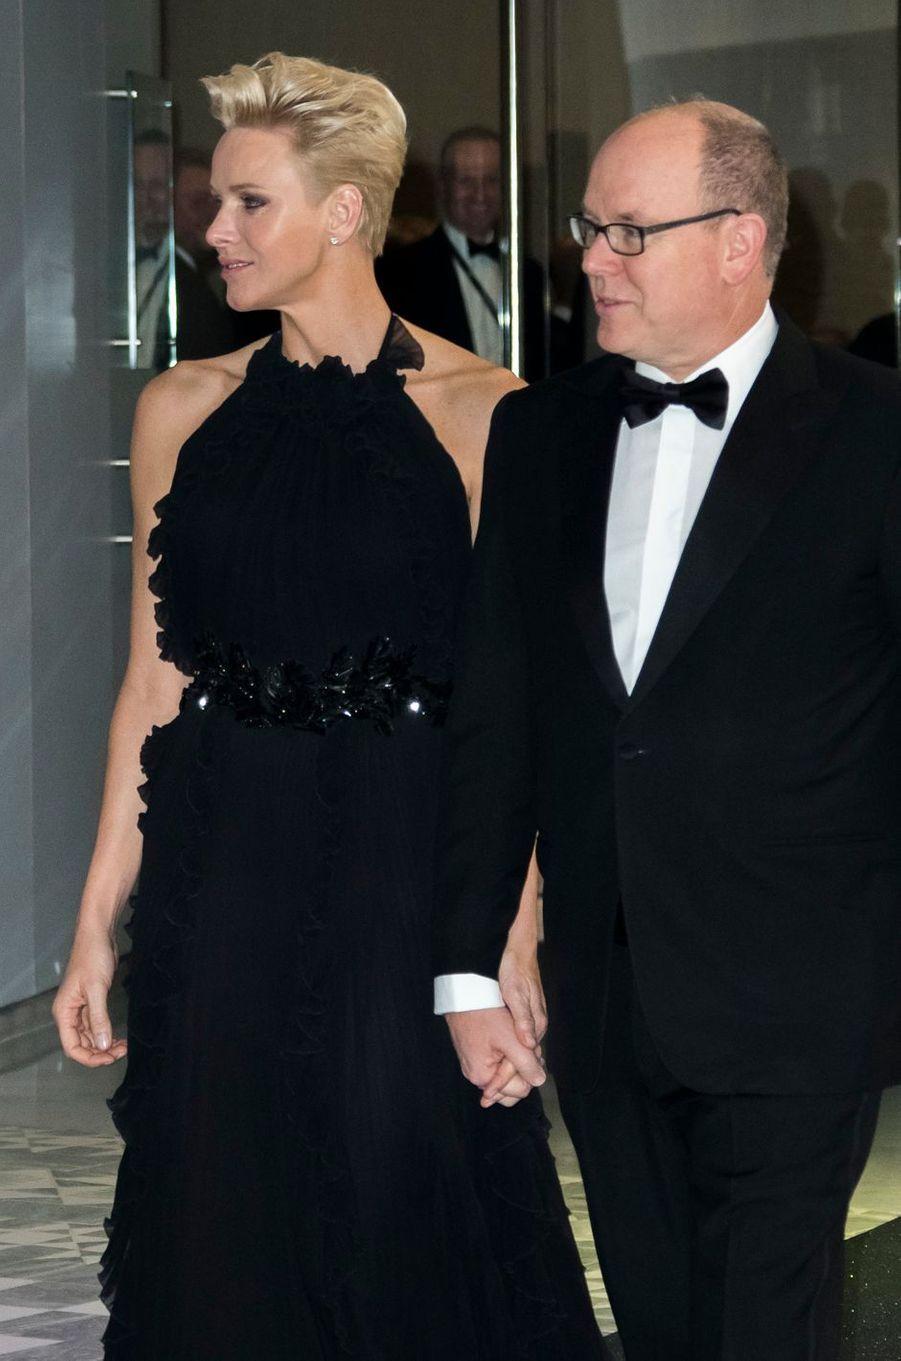 La princesse Charlène et le prince Albert II de Monaco, qui a rasé sa moustache, à Monaco, le 26 novembre 2017